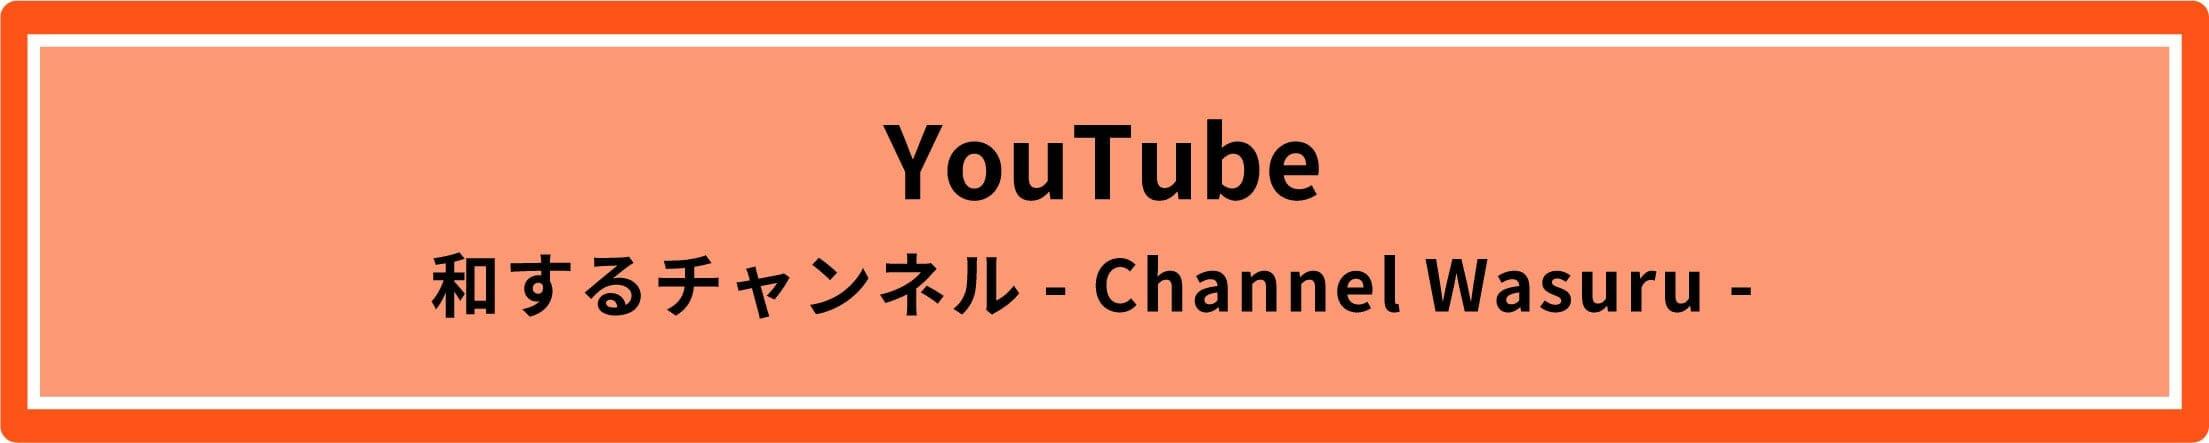 響道宴公式YouTube 和するチャンネル